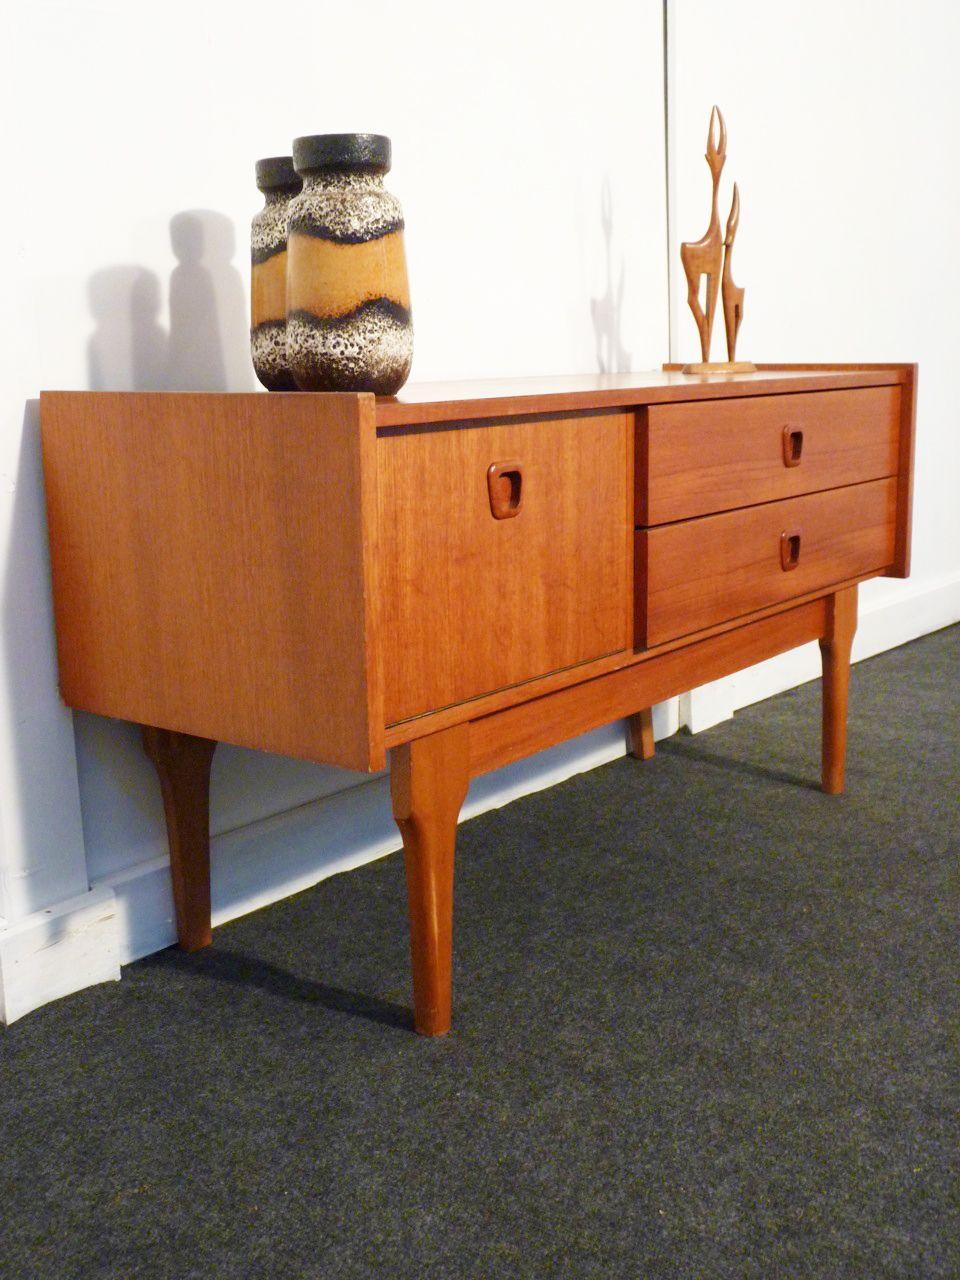 Petit meuble scandinave meuble suedois furniture vintage et home decor - Meubles scandinaves ...